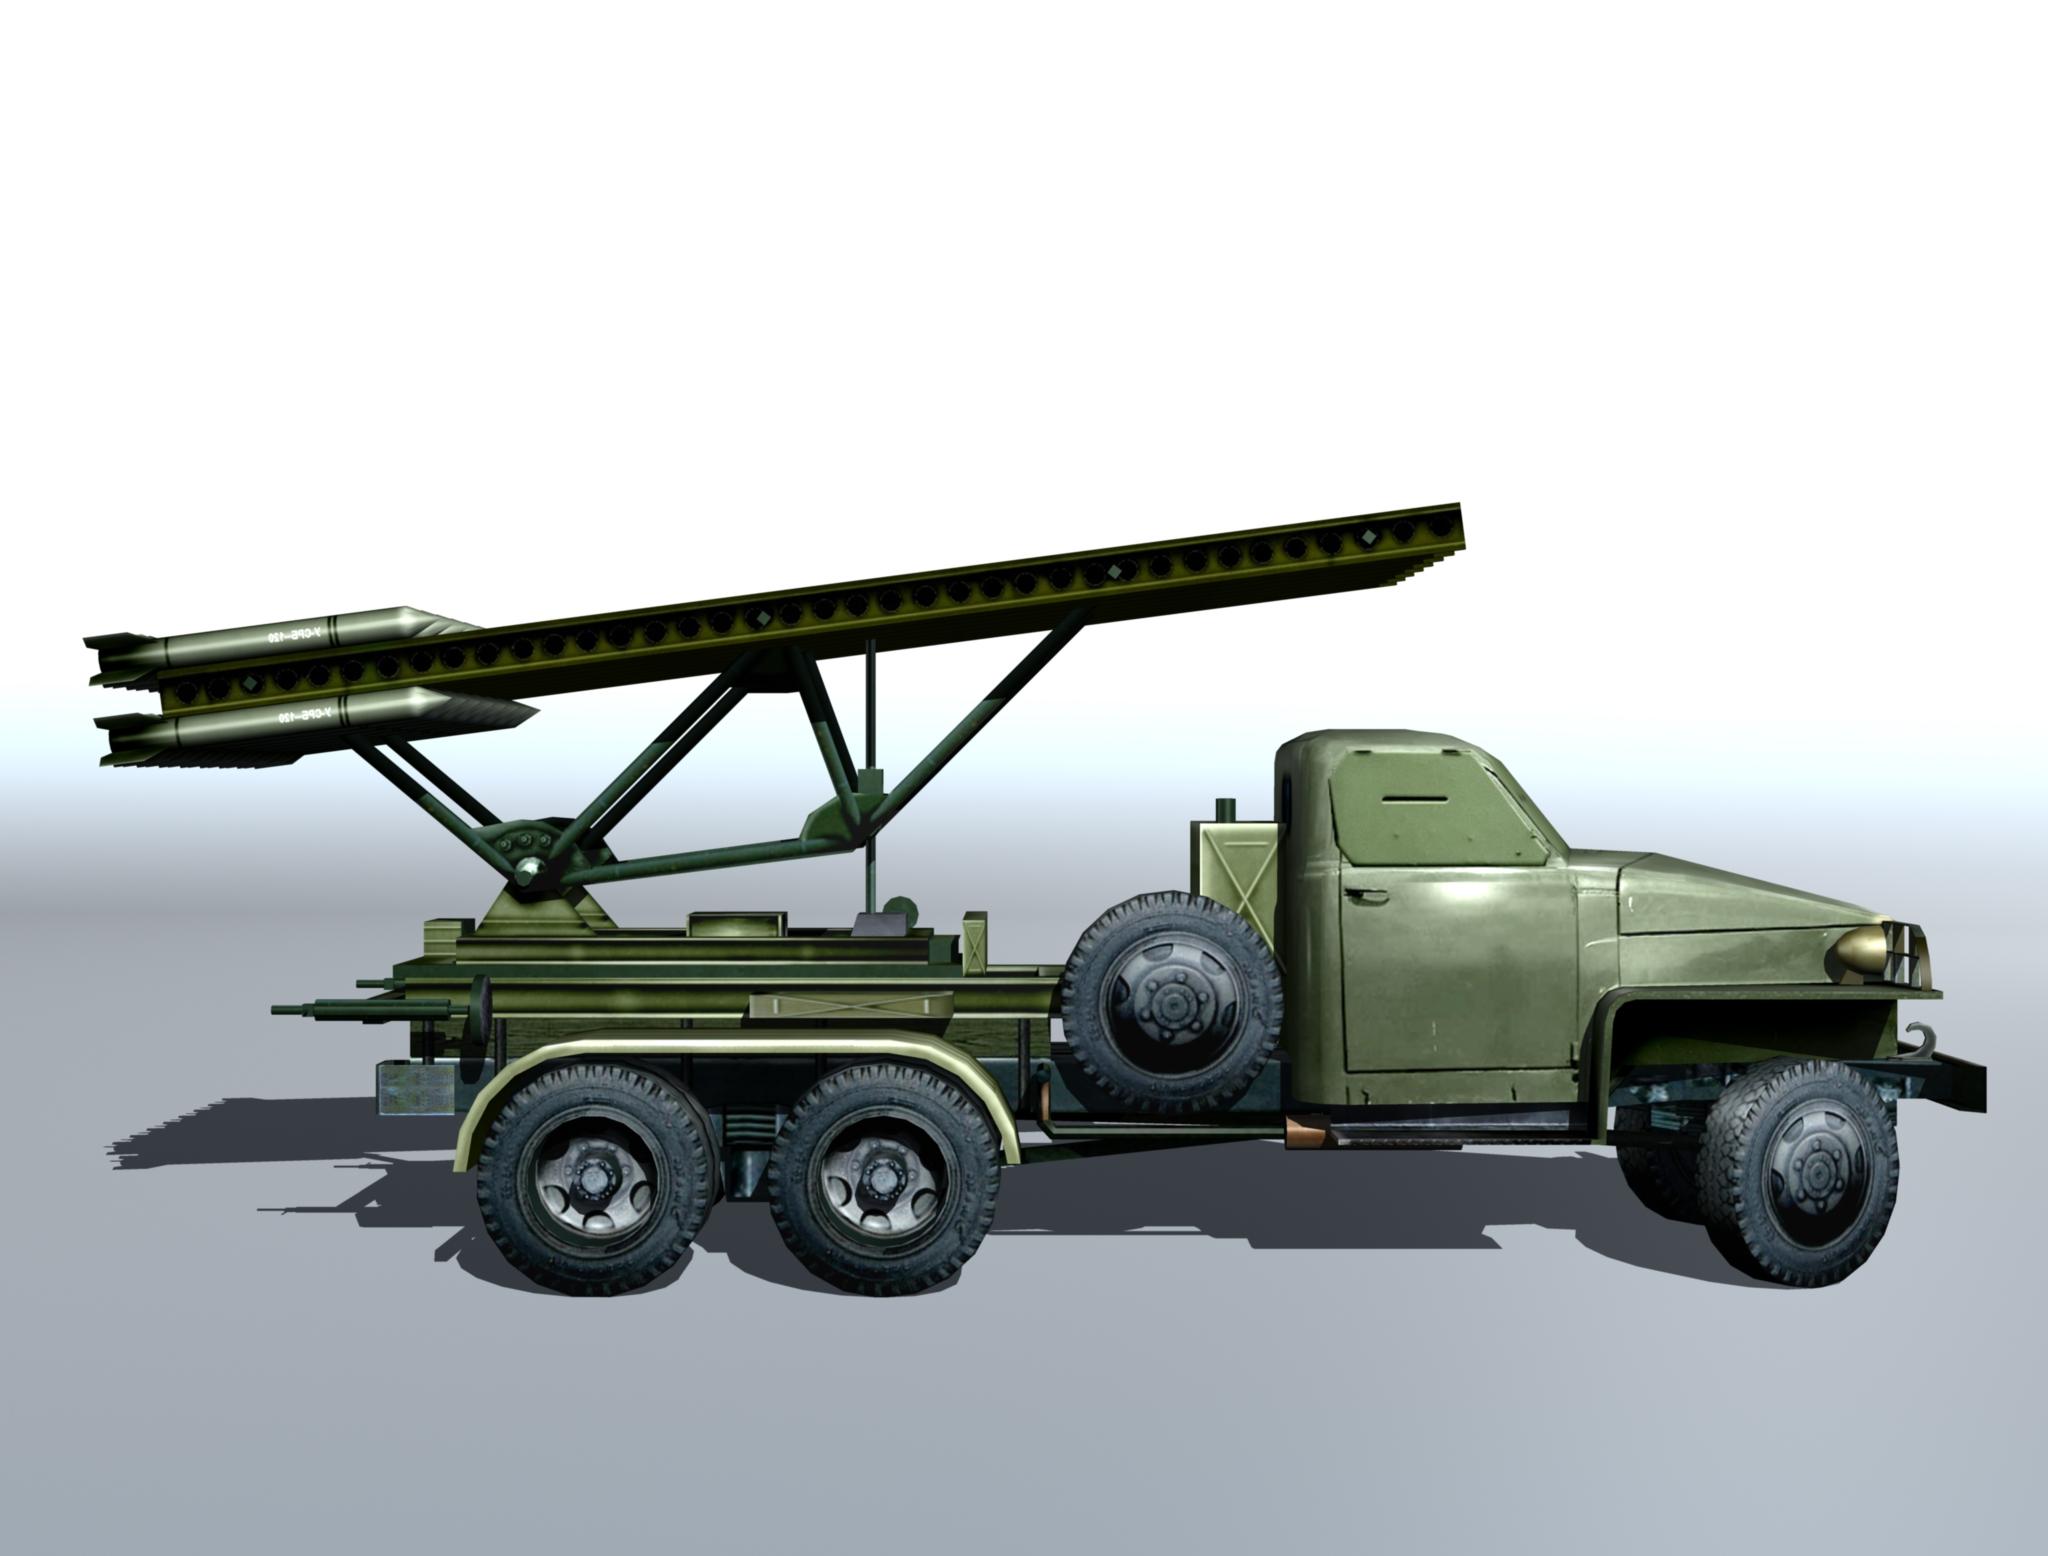 bm-13 – installation rocket artillery 'katusha'. 3d model 3ds max fbx obj 213994